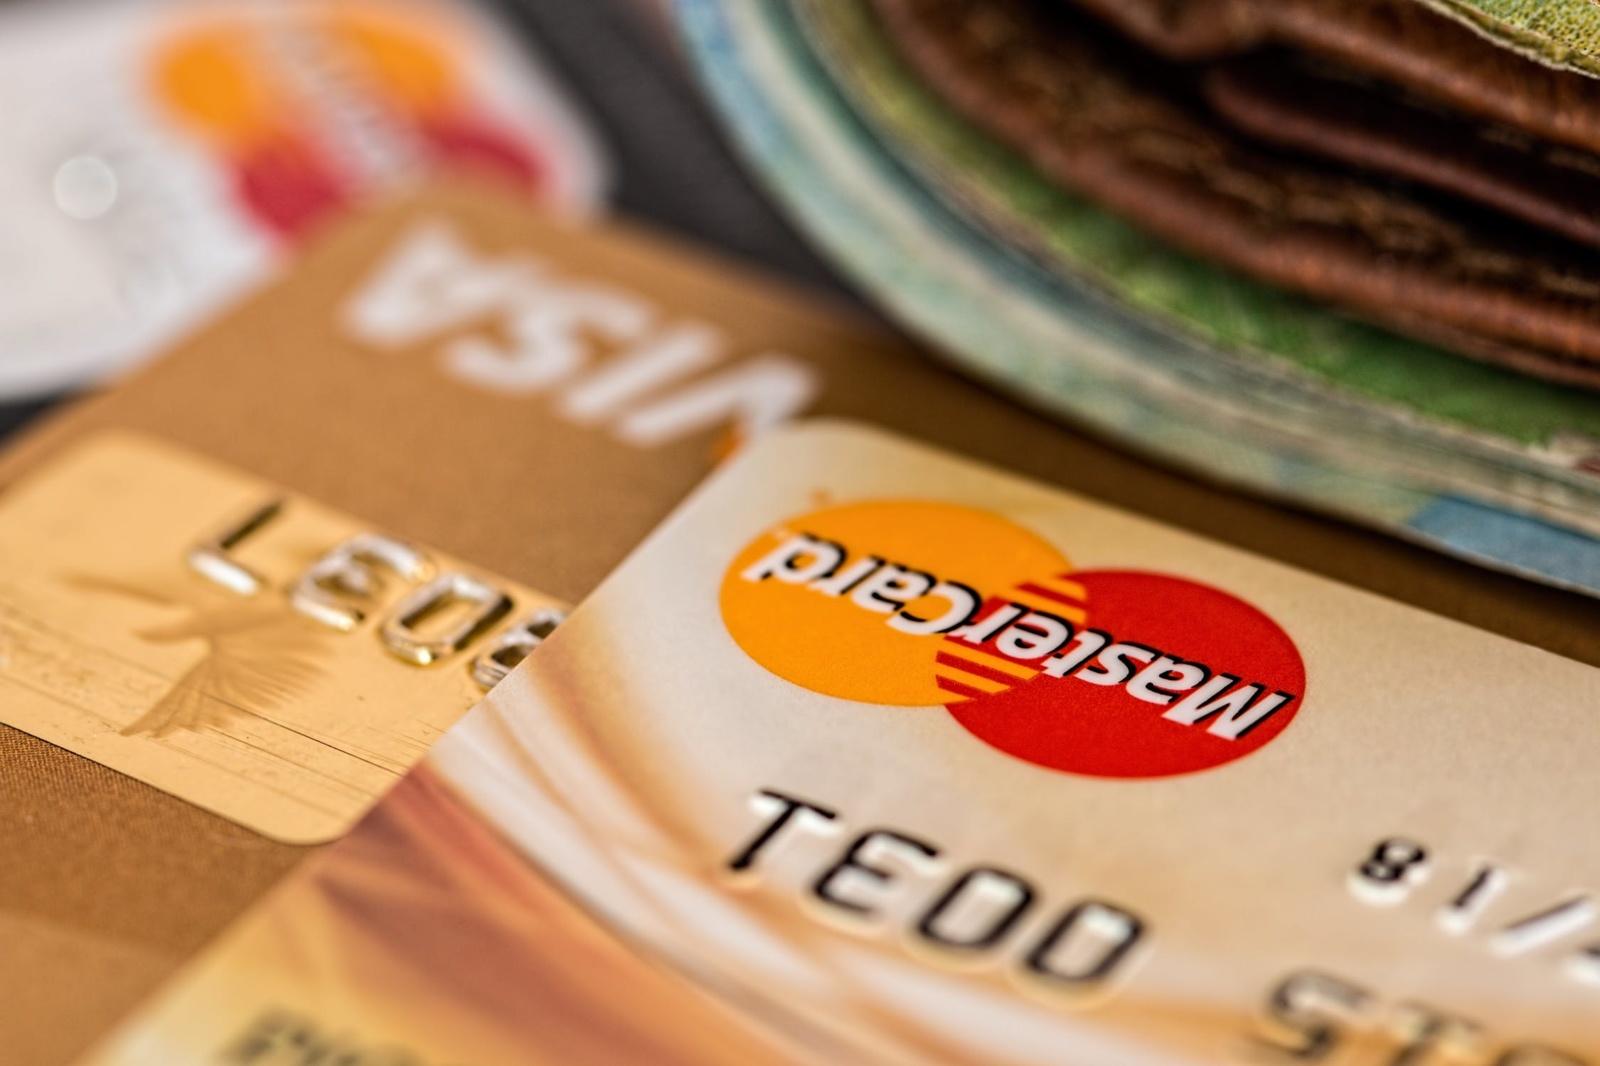 """Naktį - """"Swedbank"""" mokėjimo kortelių, """"Smart-ID"""" trikdžiai"""